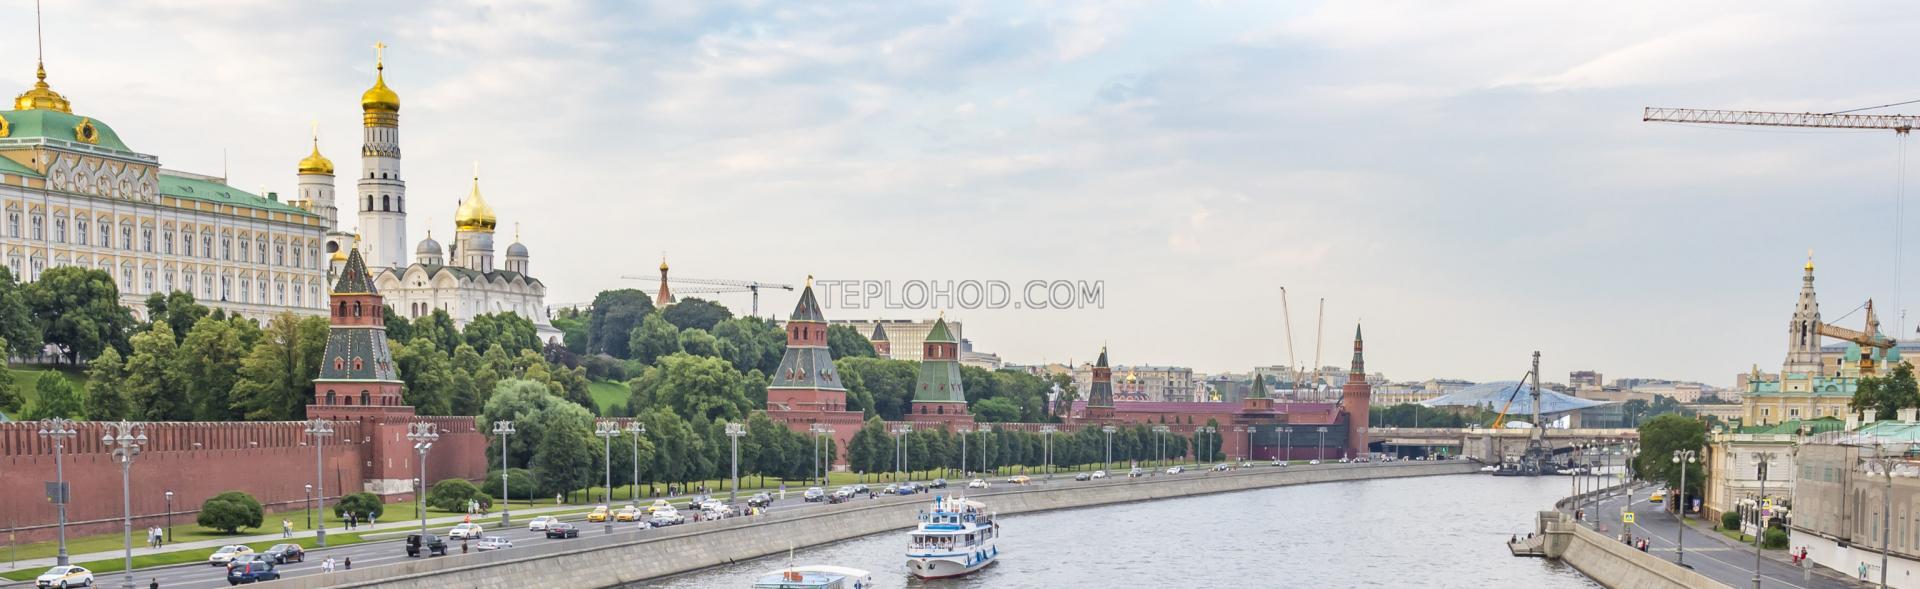 Прогулка на теплоходе по всему центру Москвы без возвращения на причал отправления